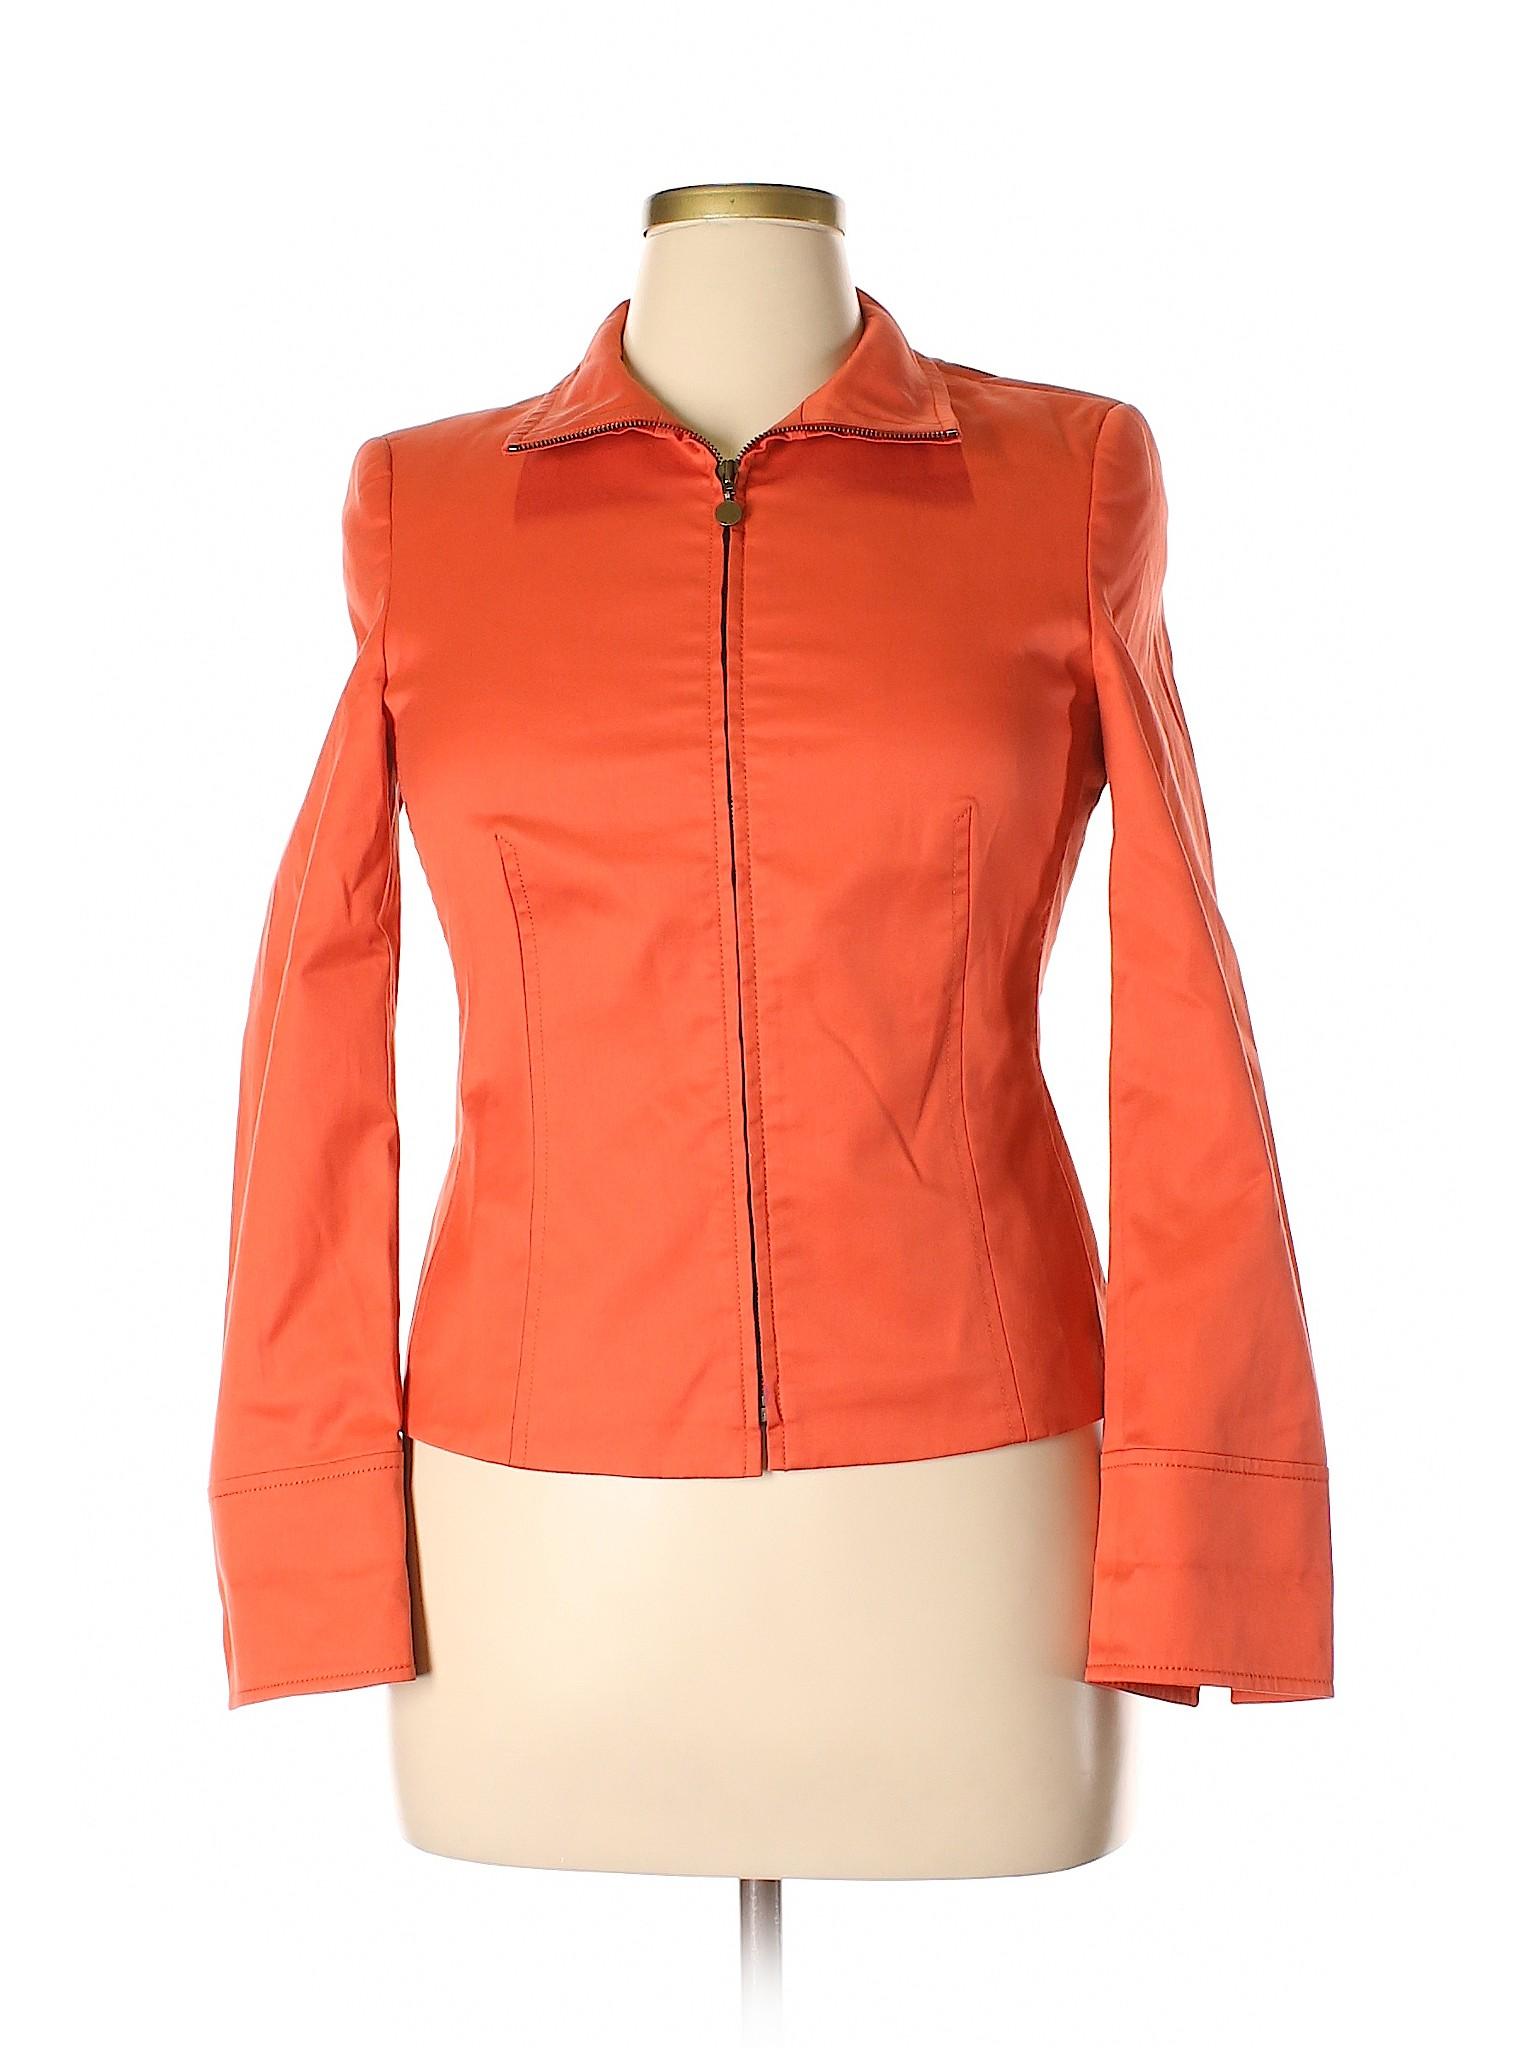 Akris leisure Boutique leisure leisure Akris punto Jacket Boutique Akris Jacket punto punto Boutique Jacket Boutique Aqtnw5P